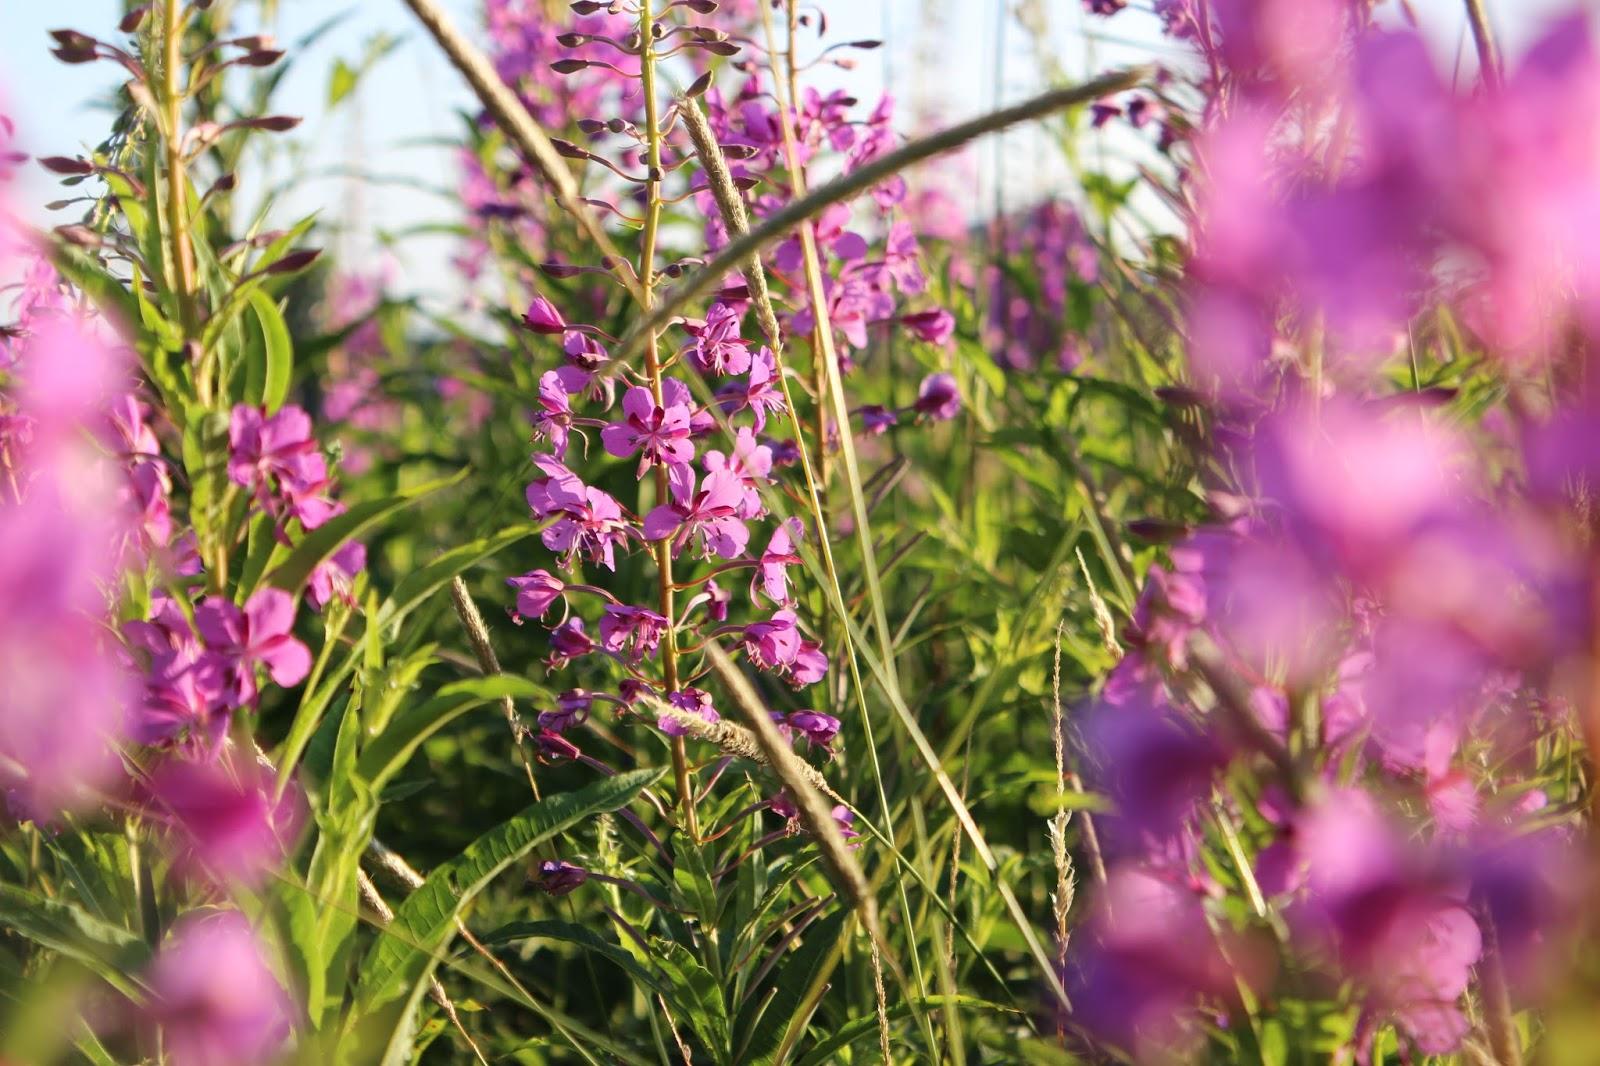 Картинки растений вологодской области